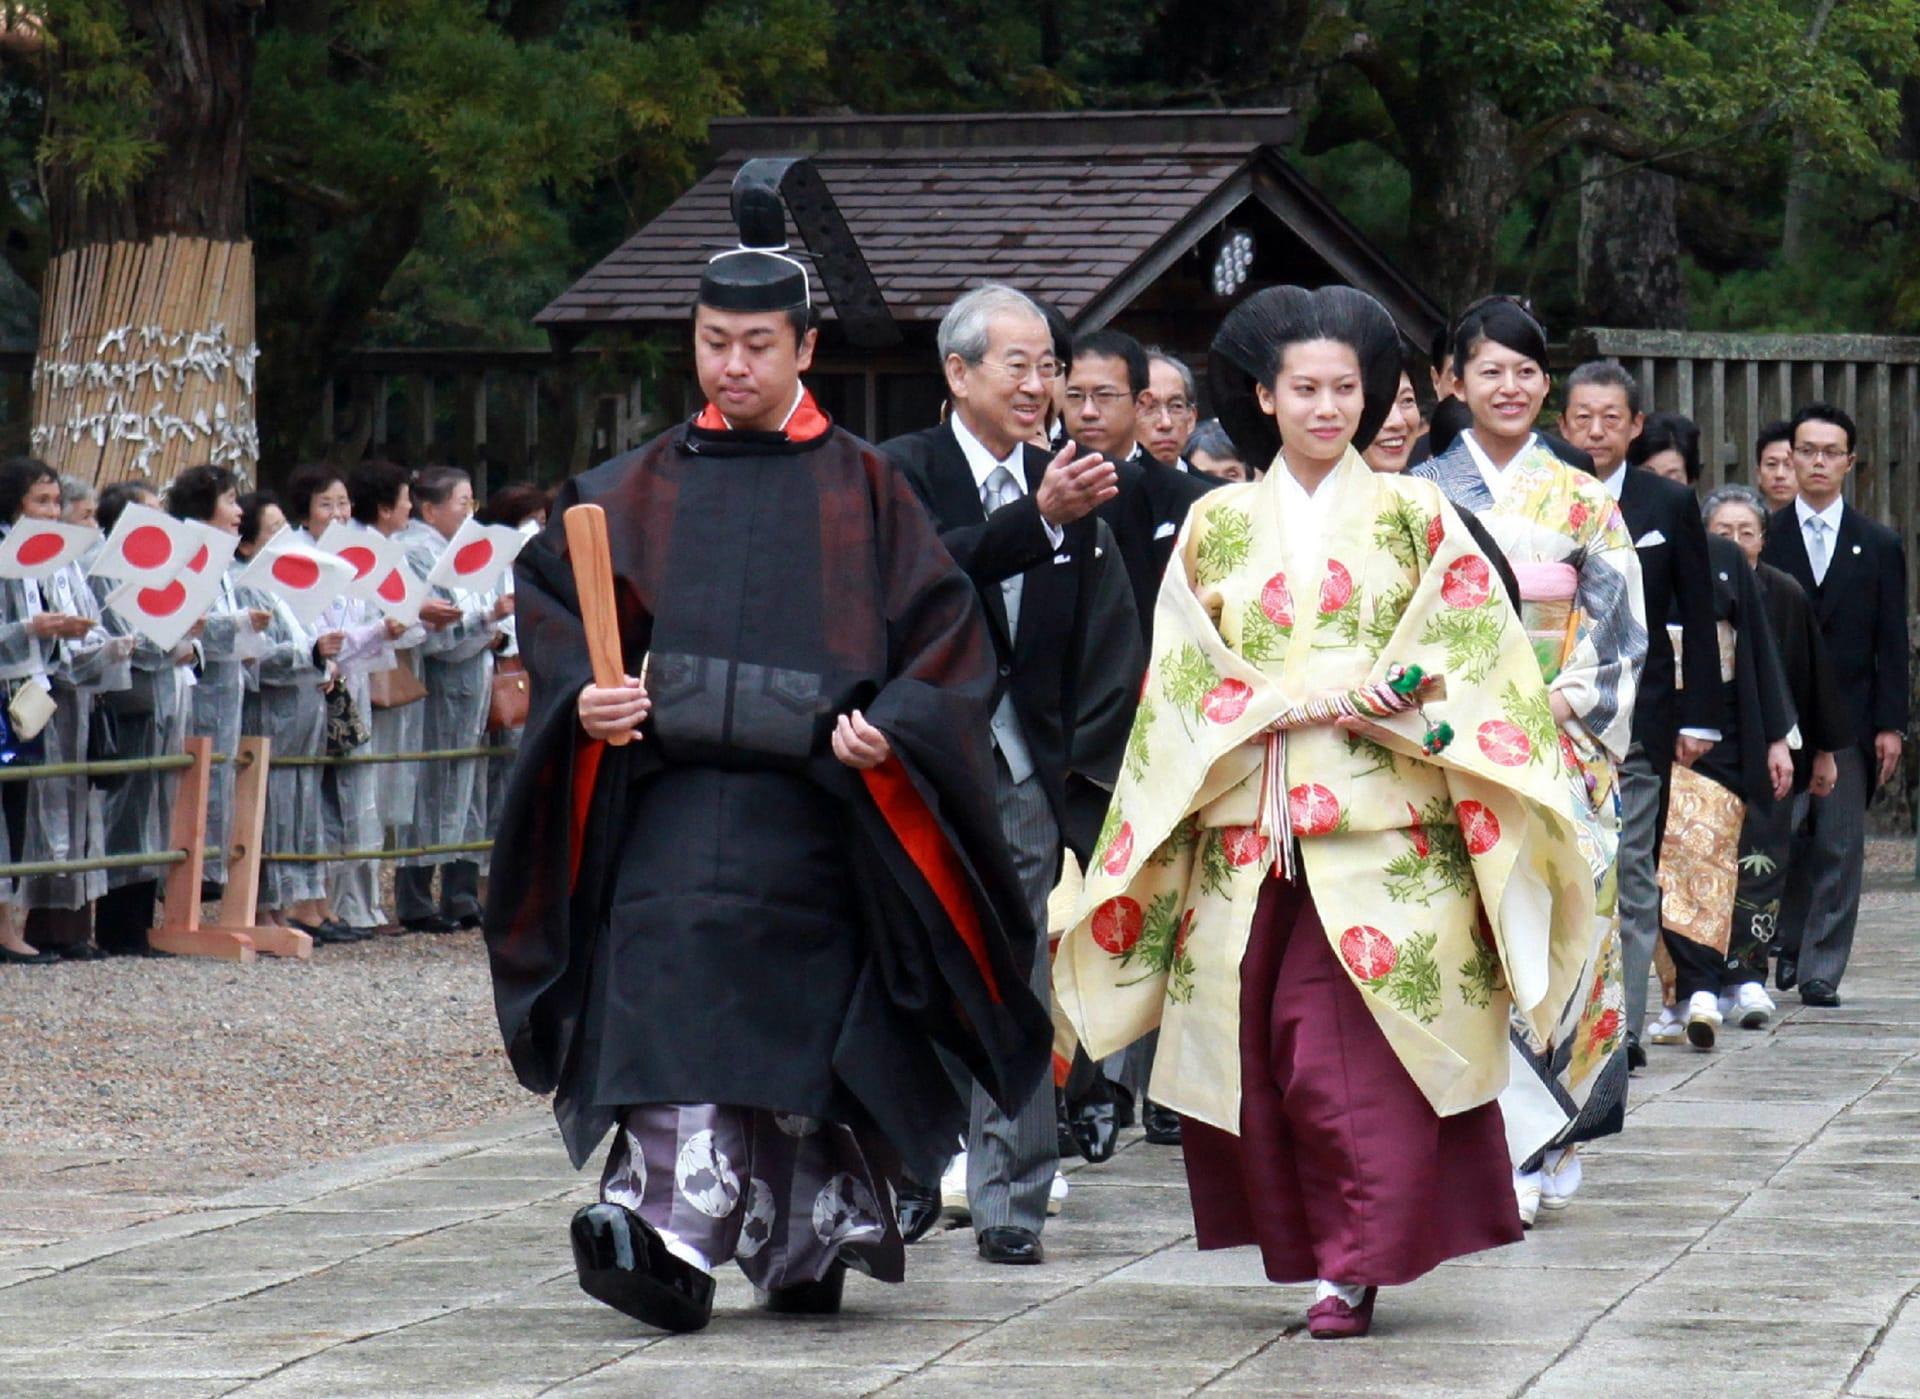 ما الذي سترتديه الأميرة أياكو اليابانية يوم زفافها؟